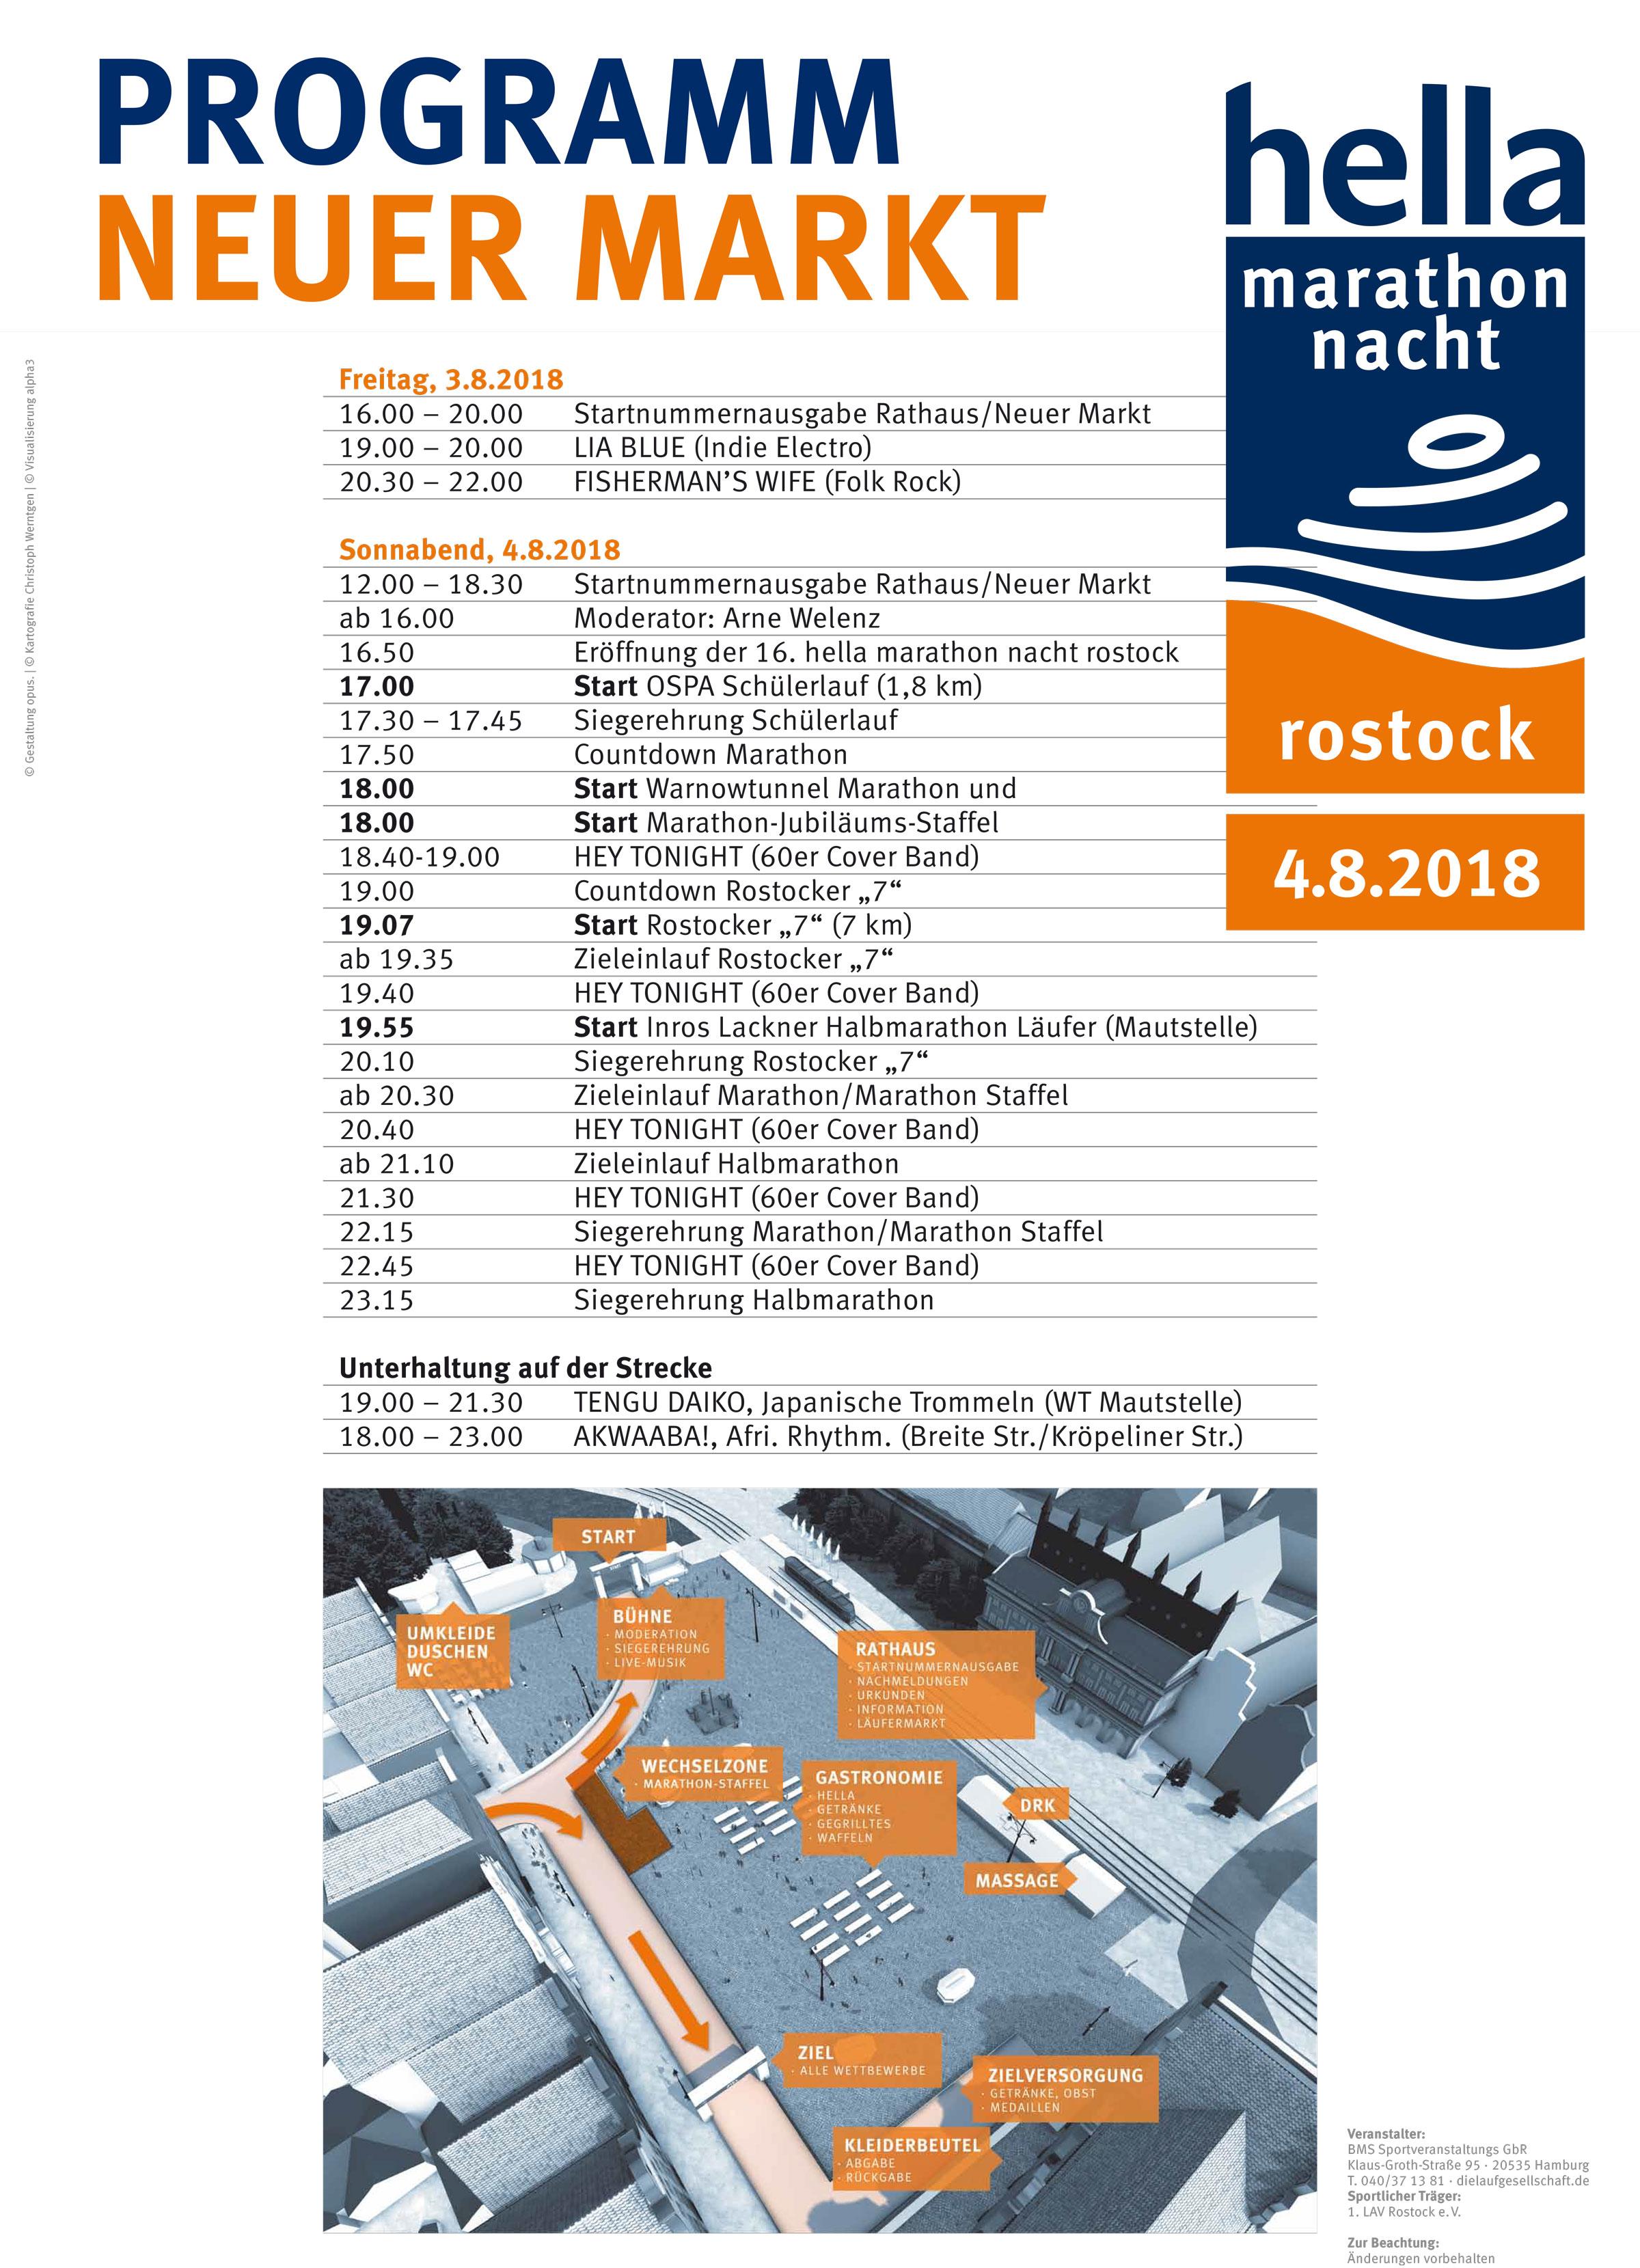 hella marathon nacht rostock » Das Musikfestival bei der 16. hella ...